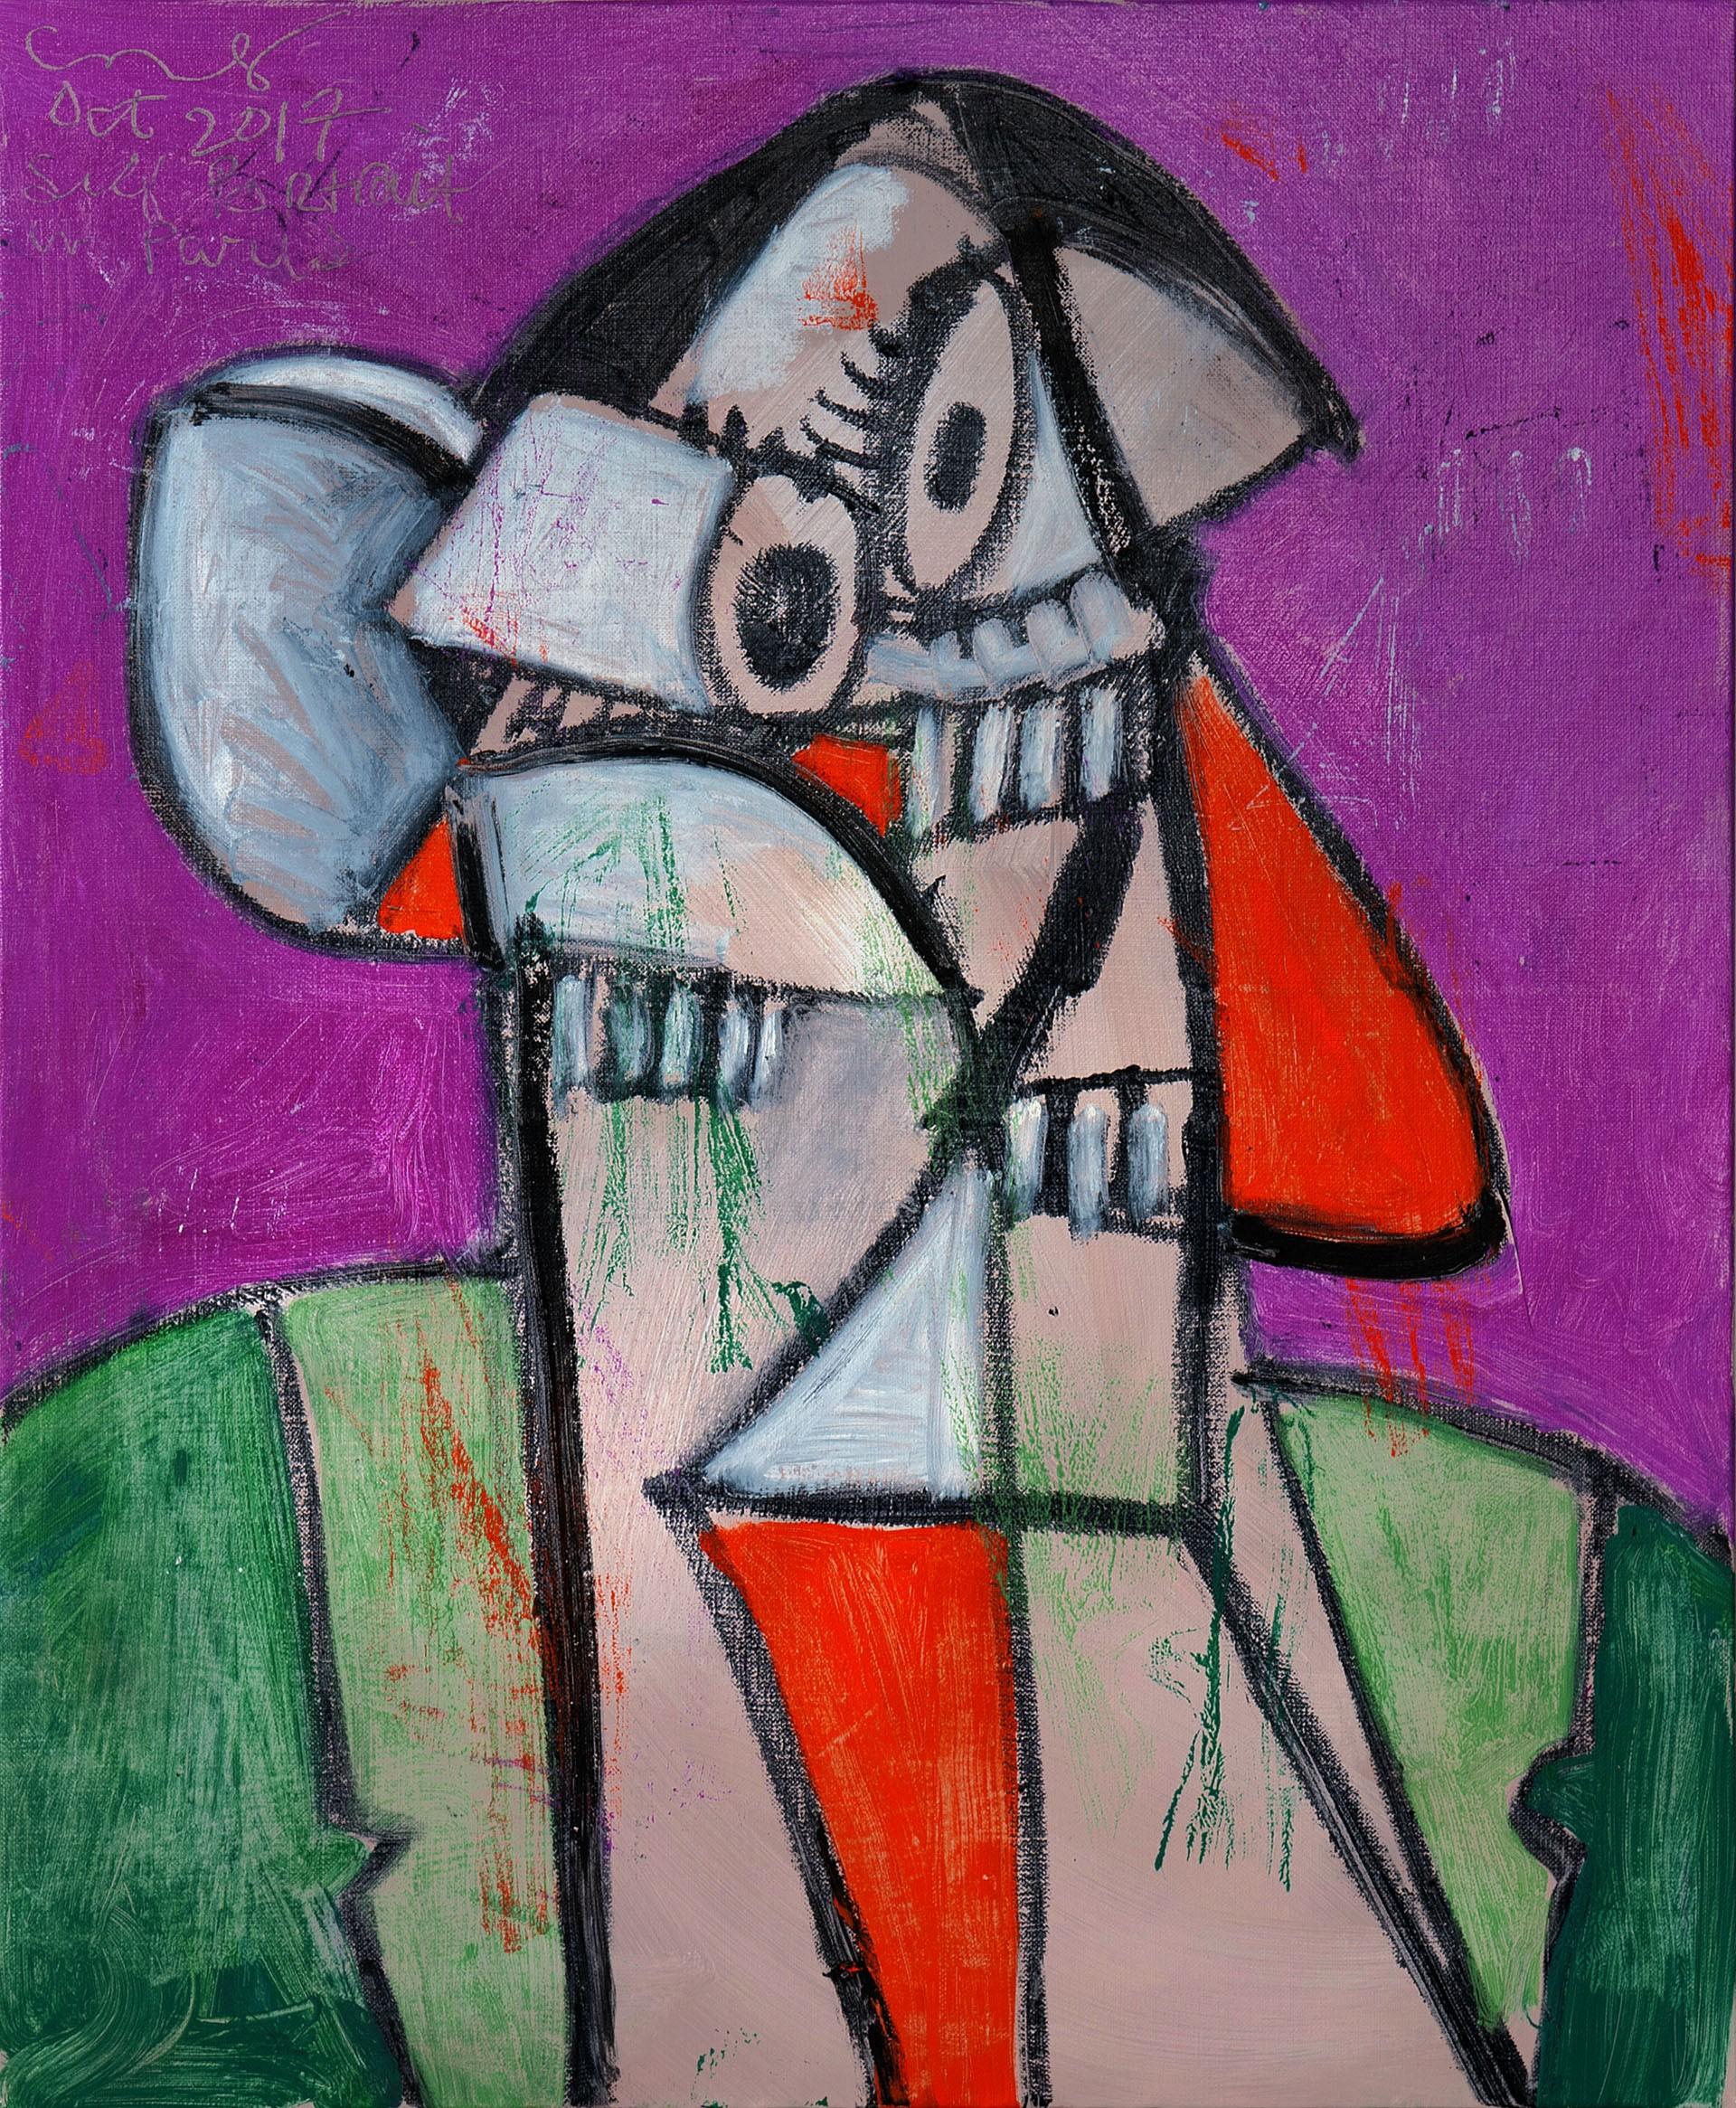 'Self Portrait in Paris 1' (2017) - George Condo